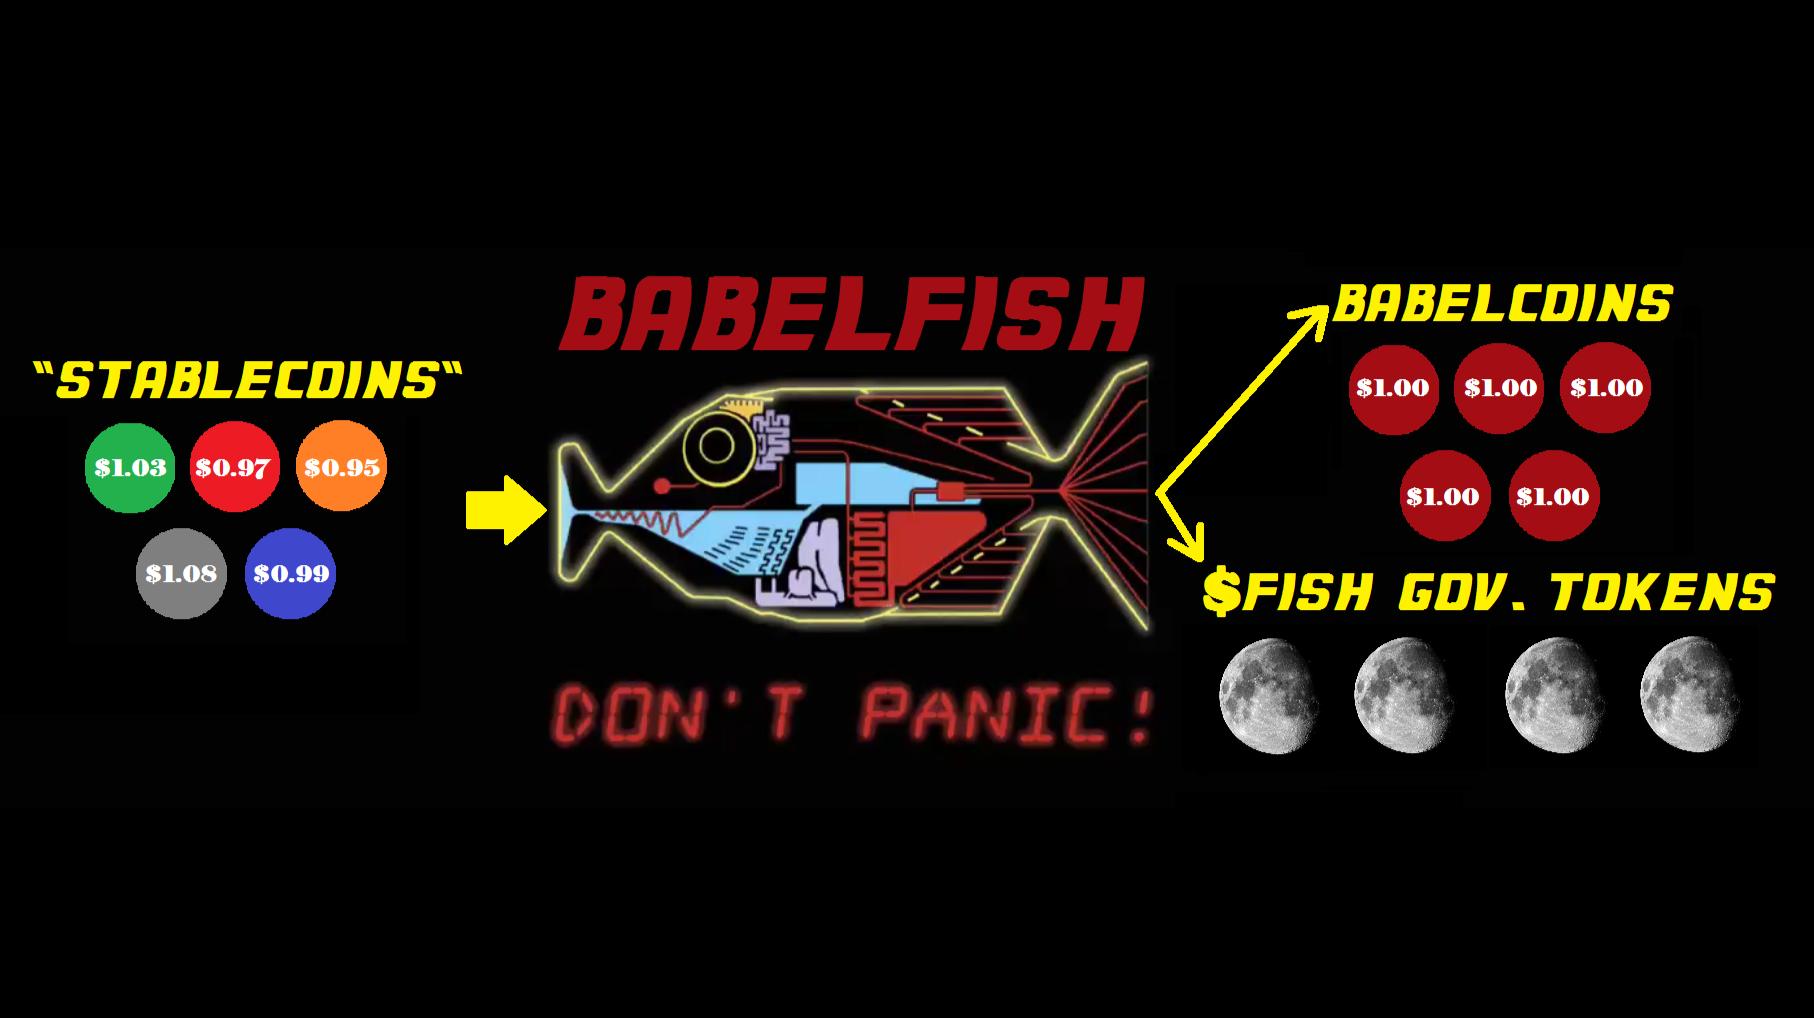 babelfish to the moon